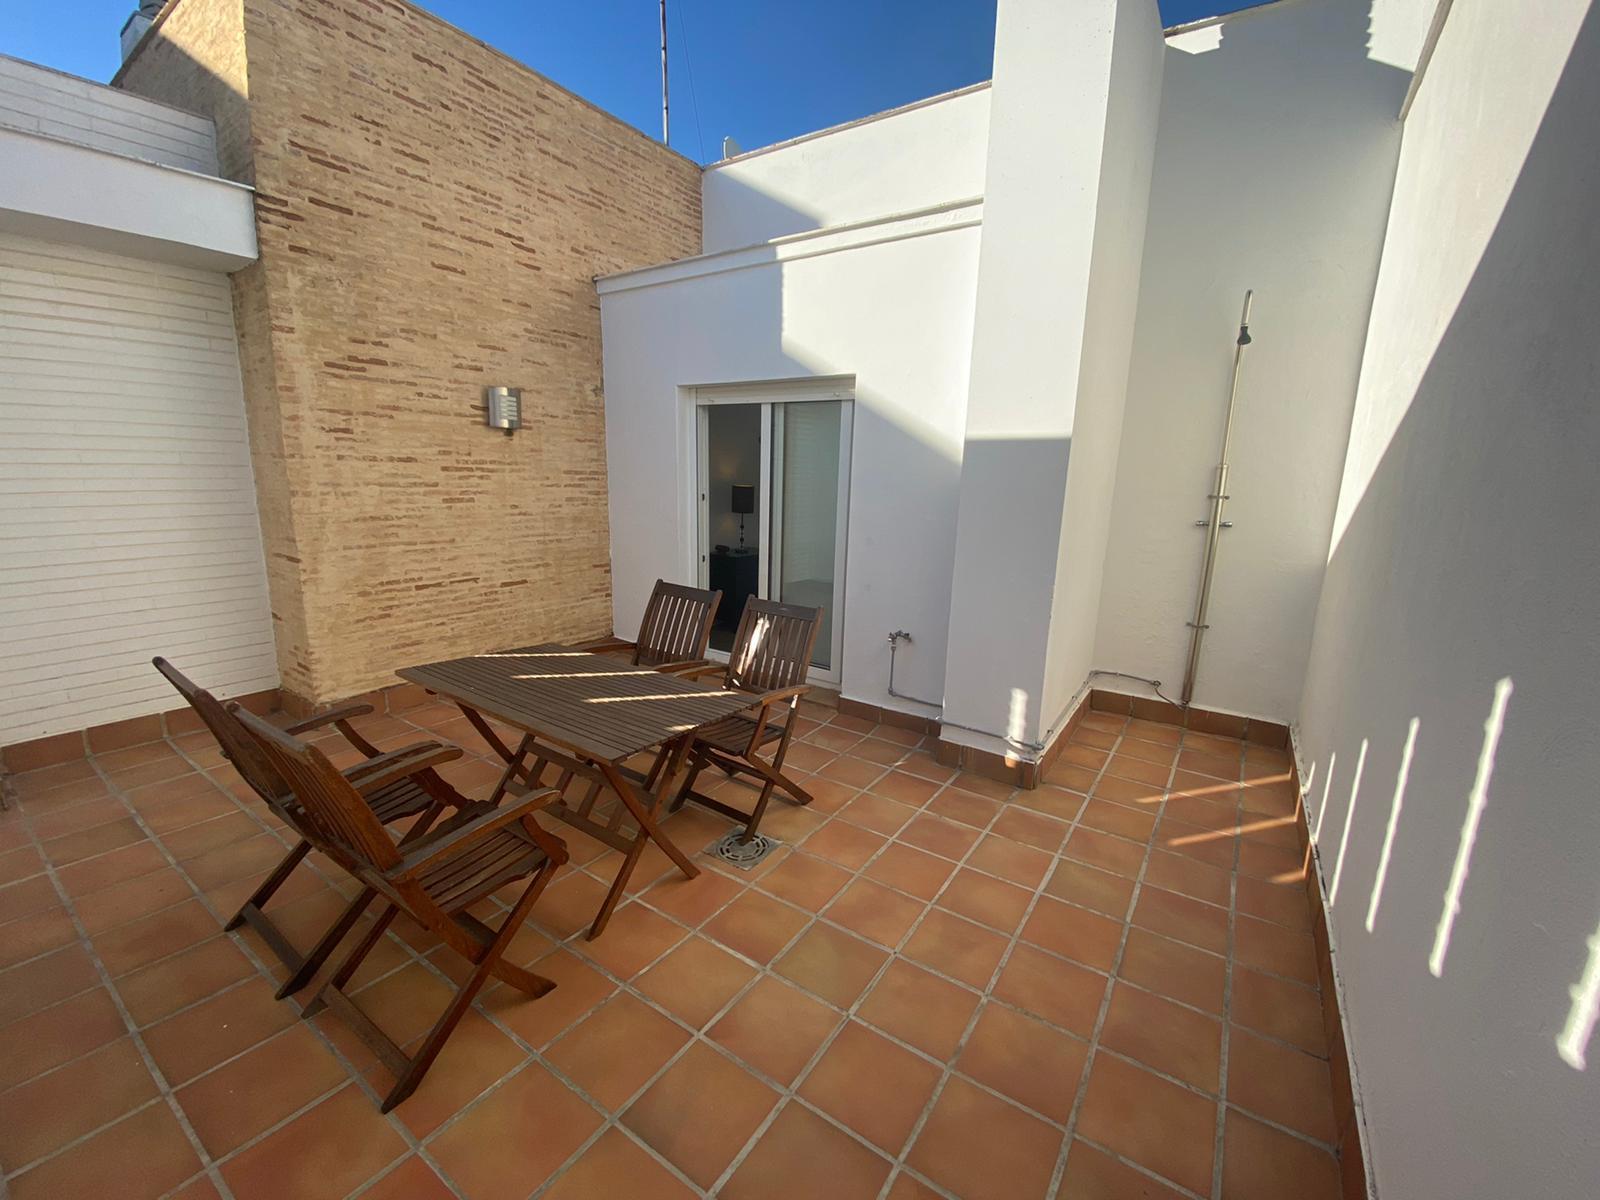 Imagen 31 del Apartamento Turístico, Ático 6 Levante (3d+2b), Punta del Moral (HUELVA), Paseo de la Cruz nº22